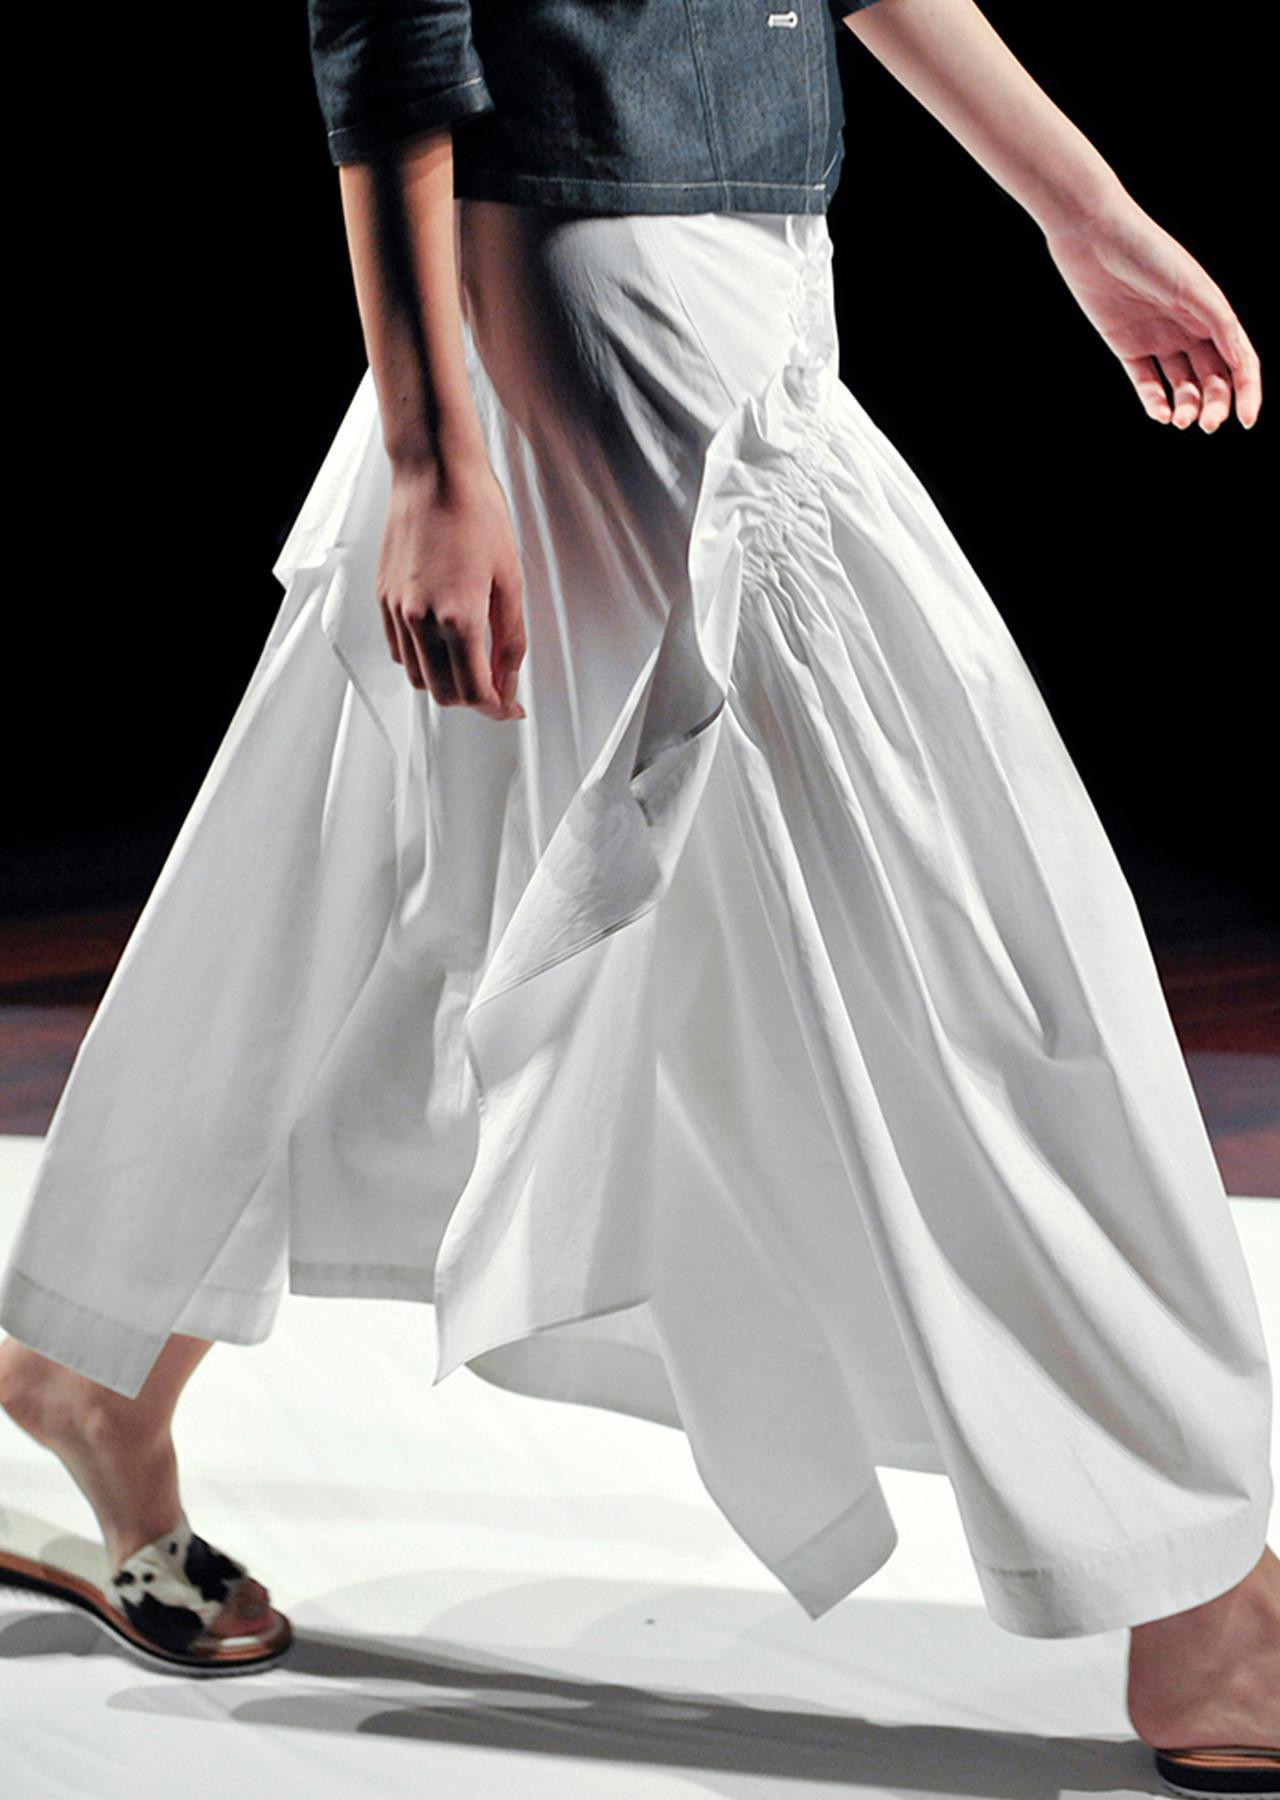 Images : 13番目の画像 - 「いい服に、ありがとう。 「サポートサーフェス」の服が 着心地よく美しい理由」のアルバム - T JAPAN:The New York Times Style Magazine 公式サイト